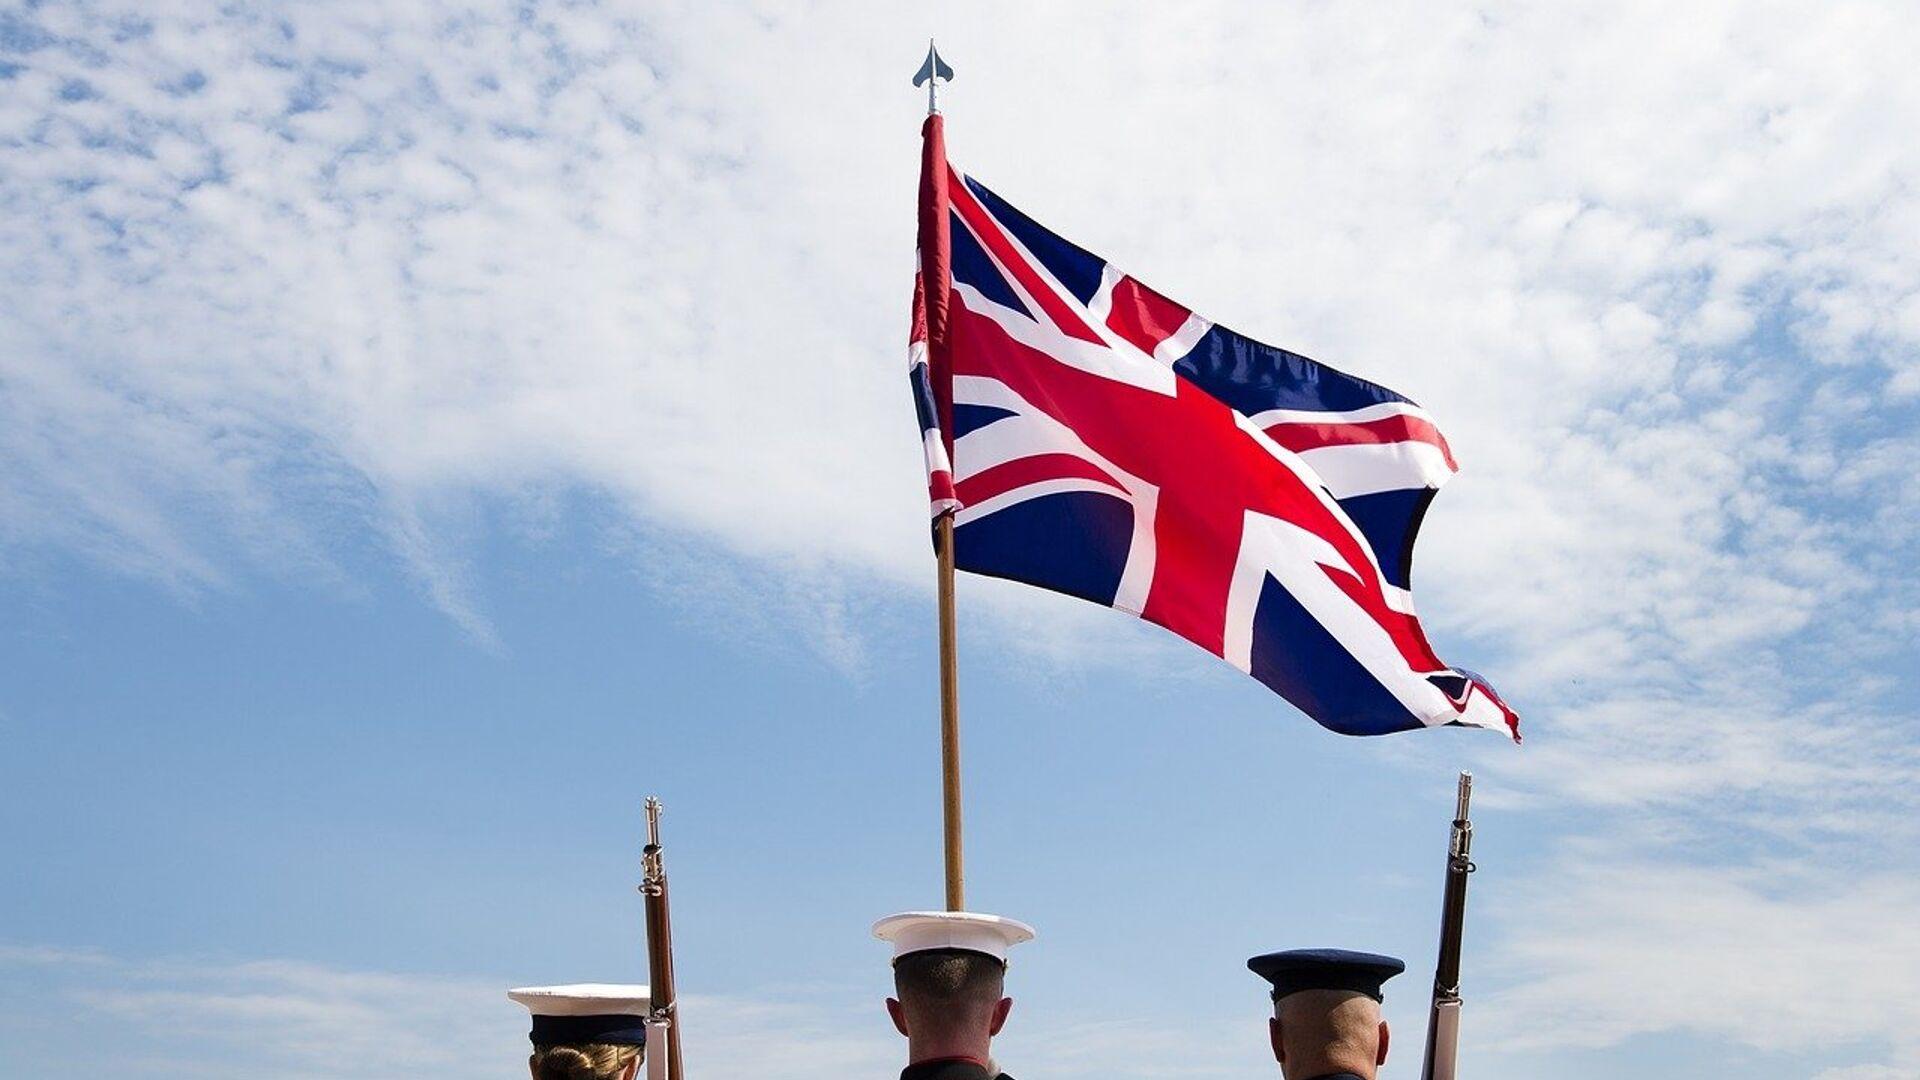 La bandera de Reino Unido - Sputnik Mundo, 1920, 12.03.2021